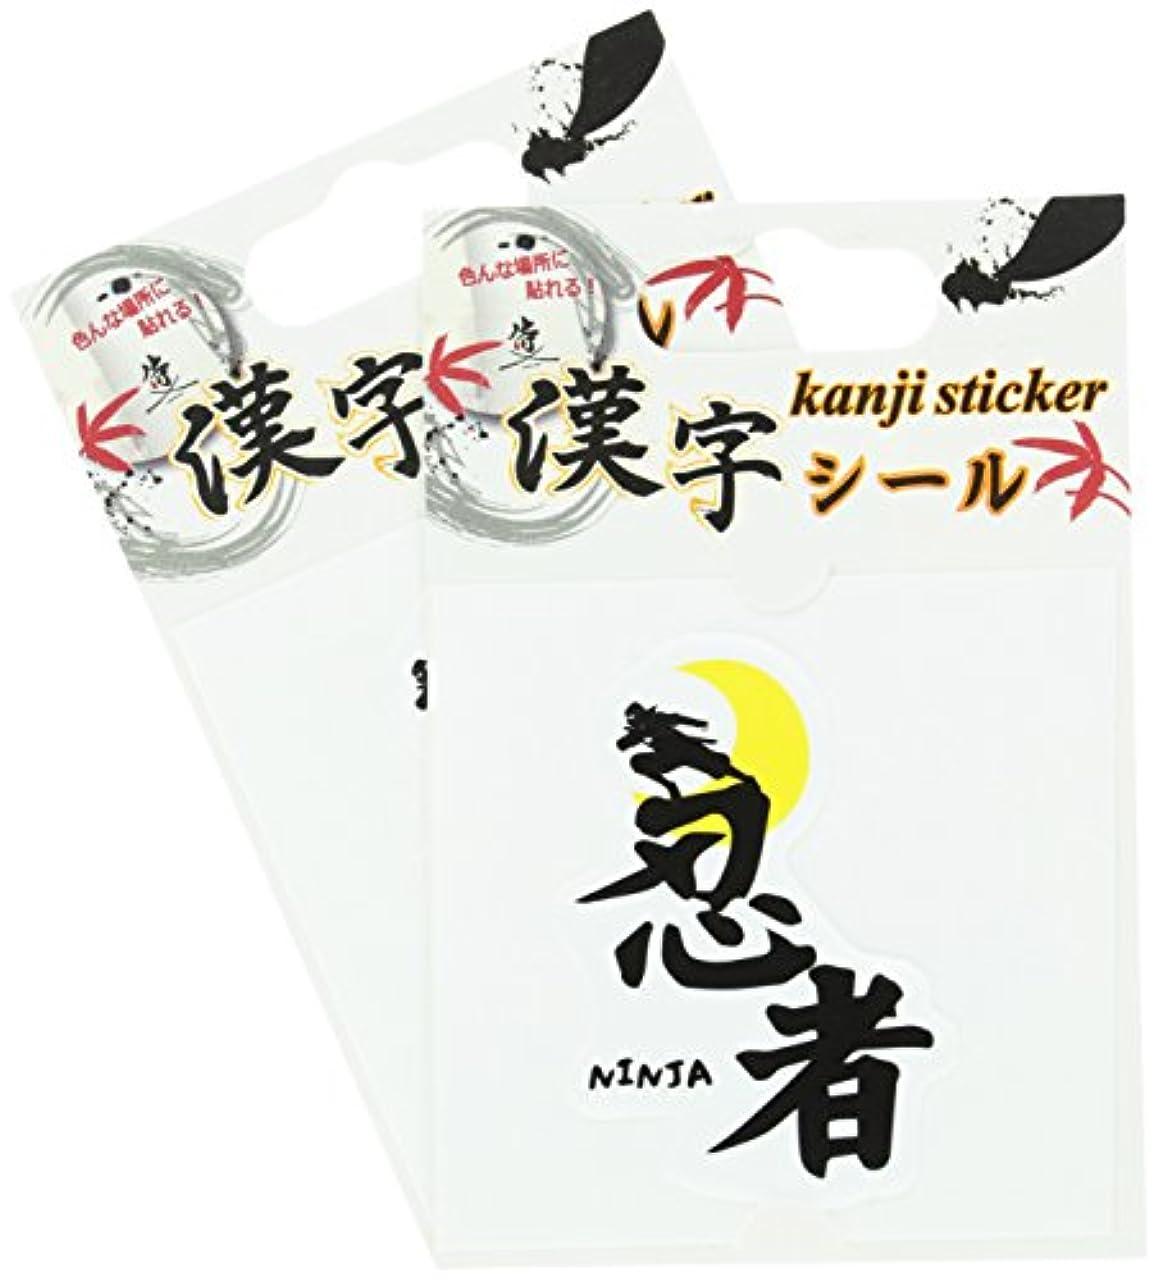 ねばねば短くするポーチ漢字シール 忍者 2枚セット